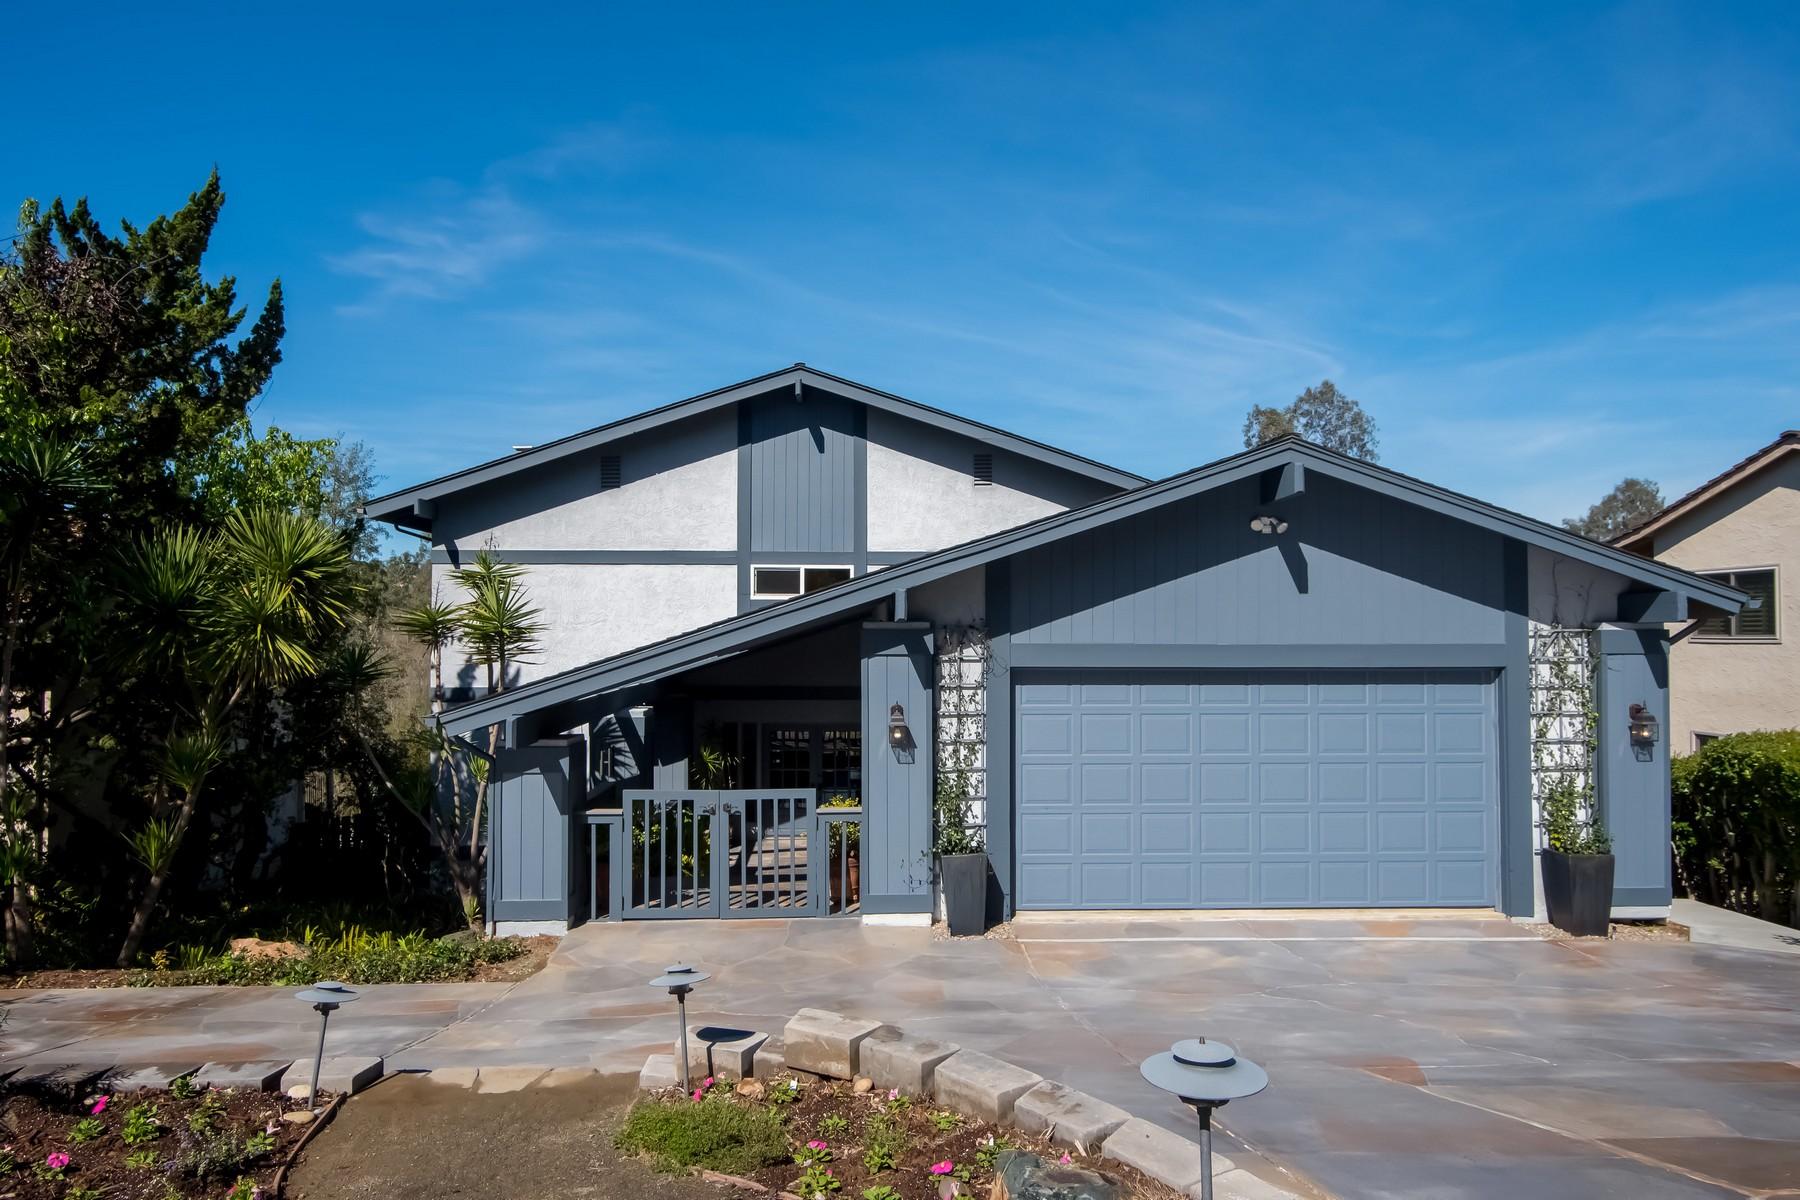 Casa Unifamiliar por un Venta en 732 Val Sereno Drive Encinitas, California, 92024 Estados Unidos